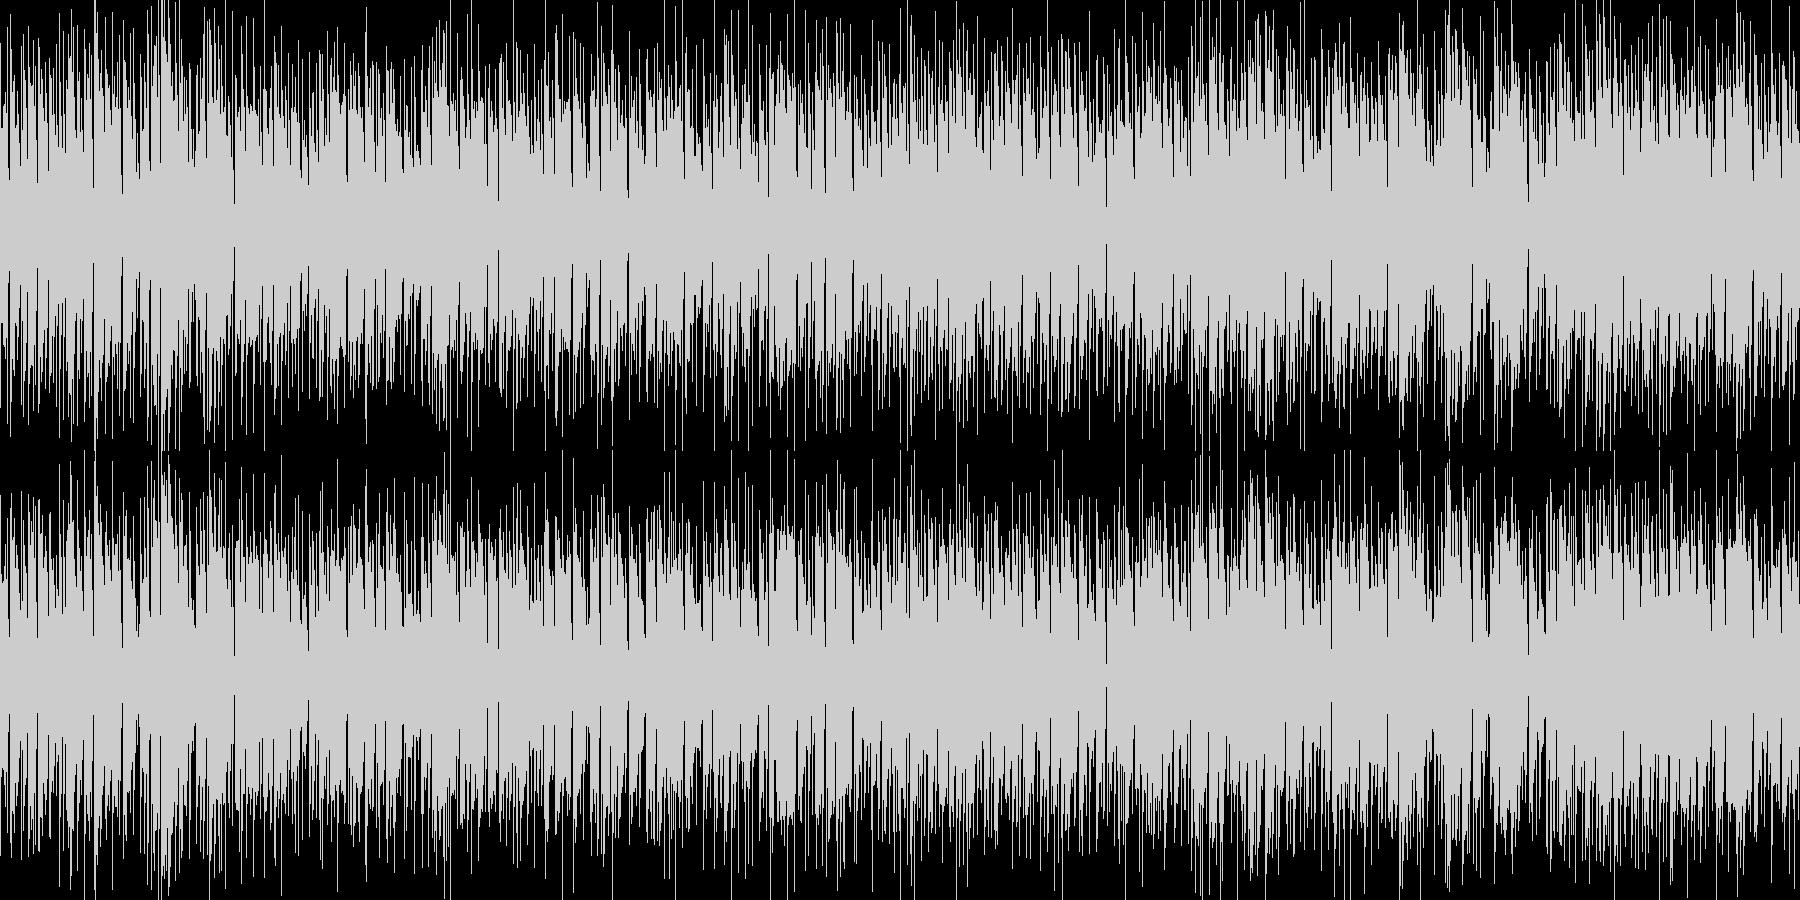 ループ可能な爽やかで気怠いエレキギター曲の未再生の波形